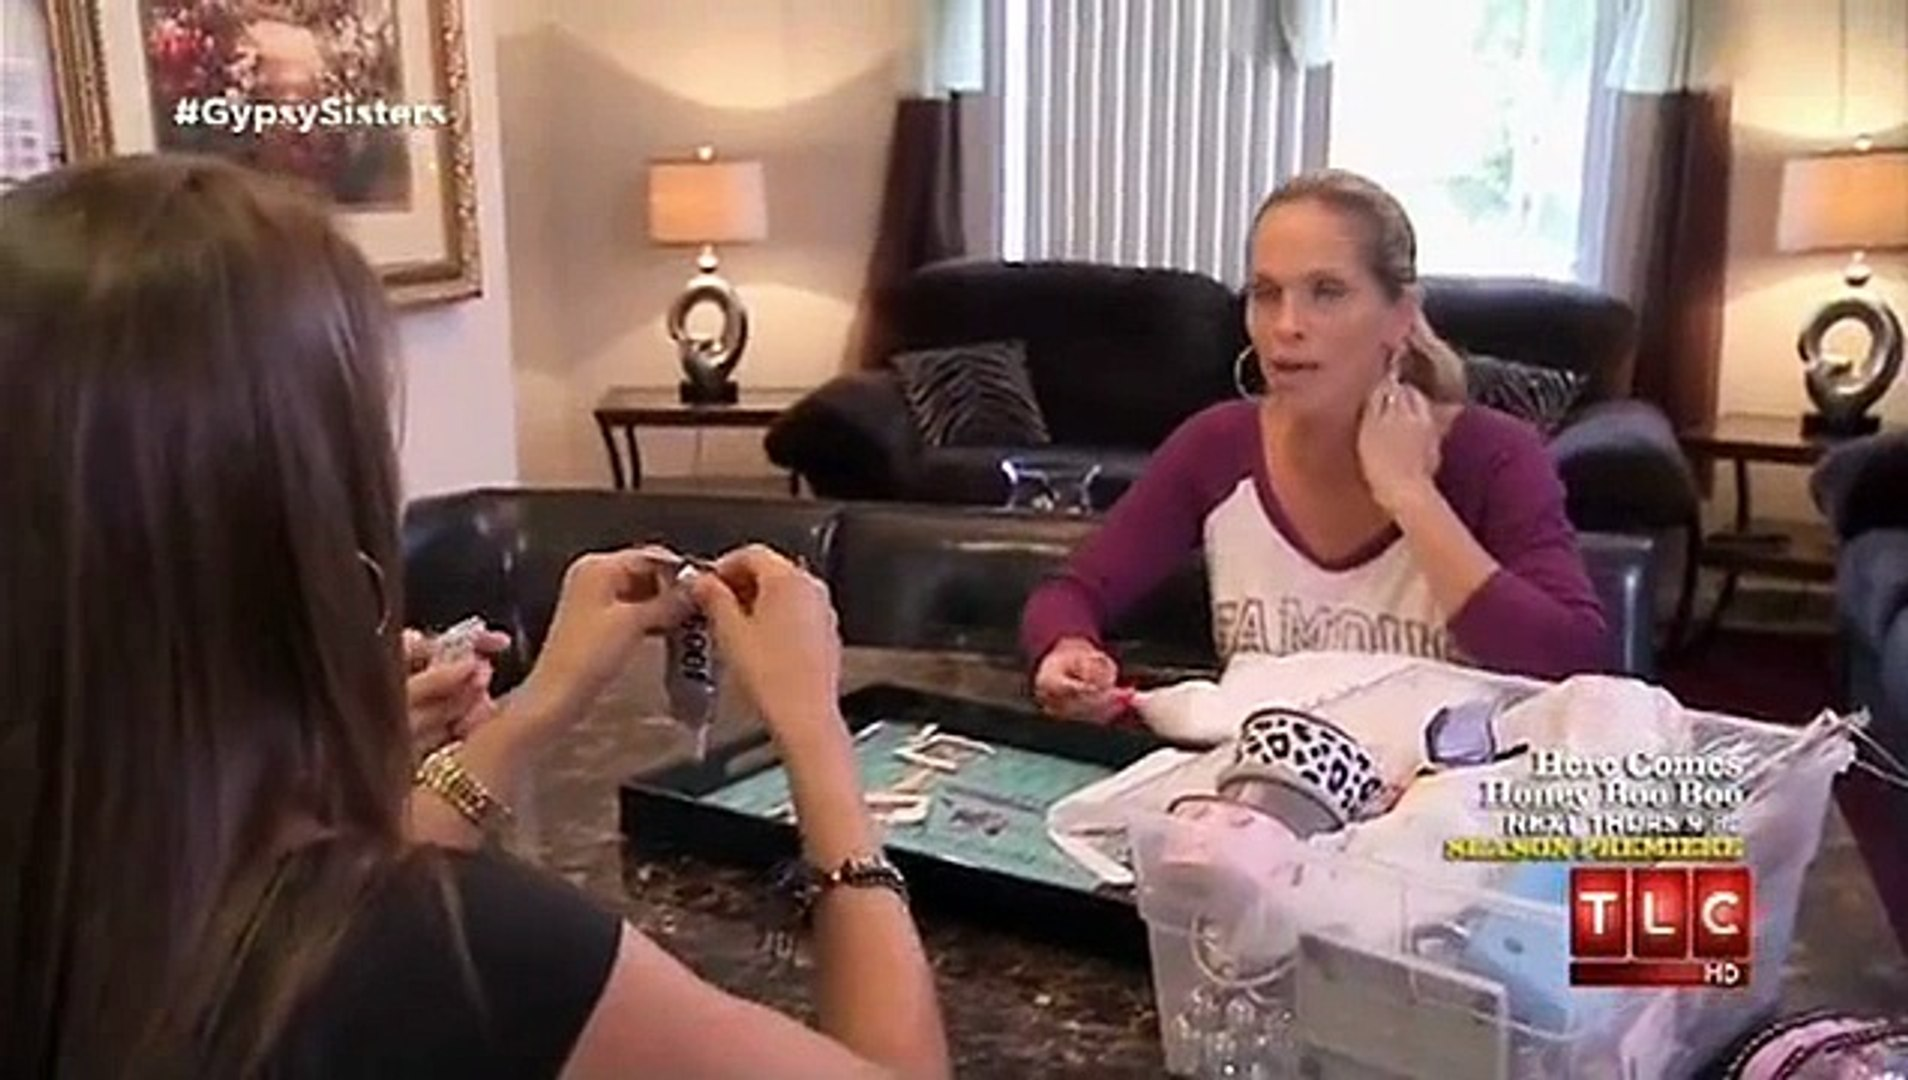 watch gypsy sisters season 2 online free